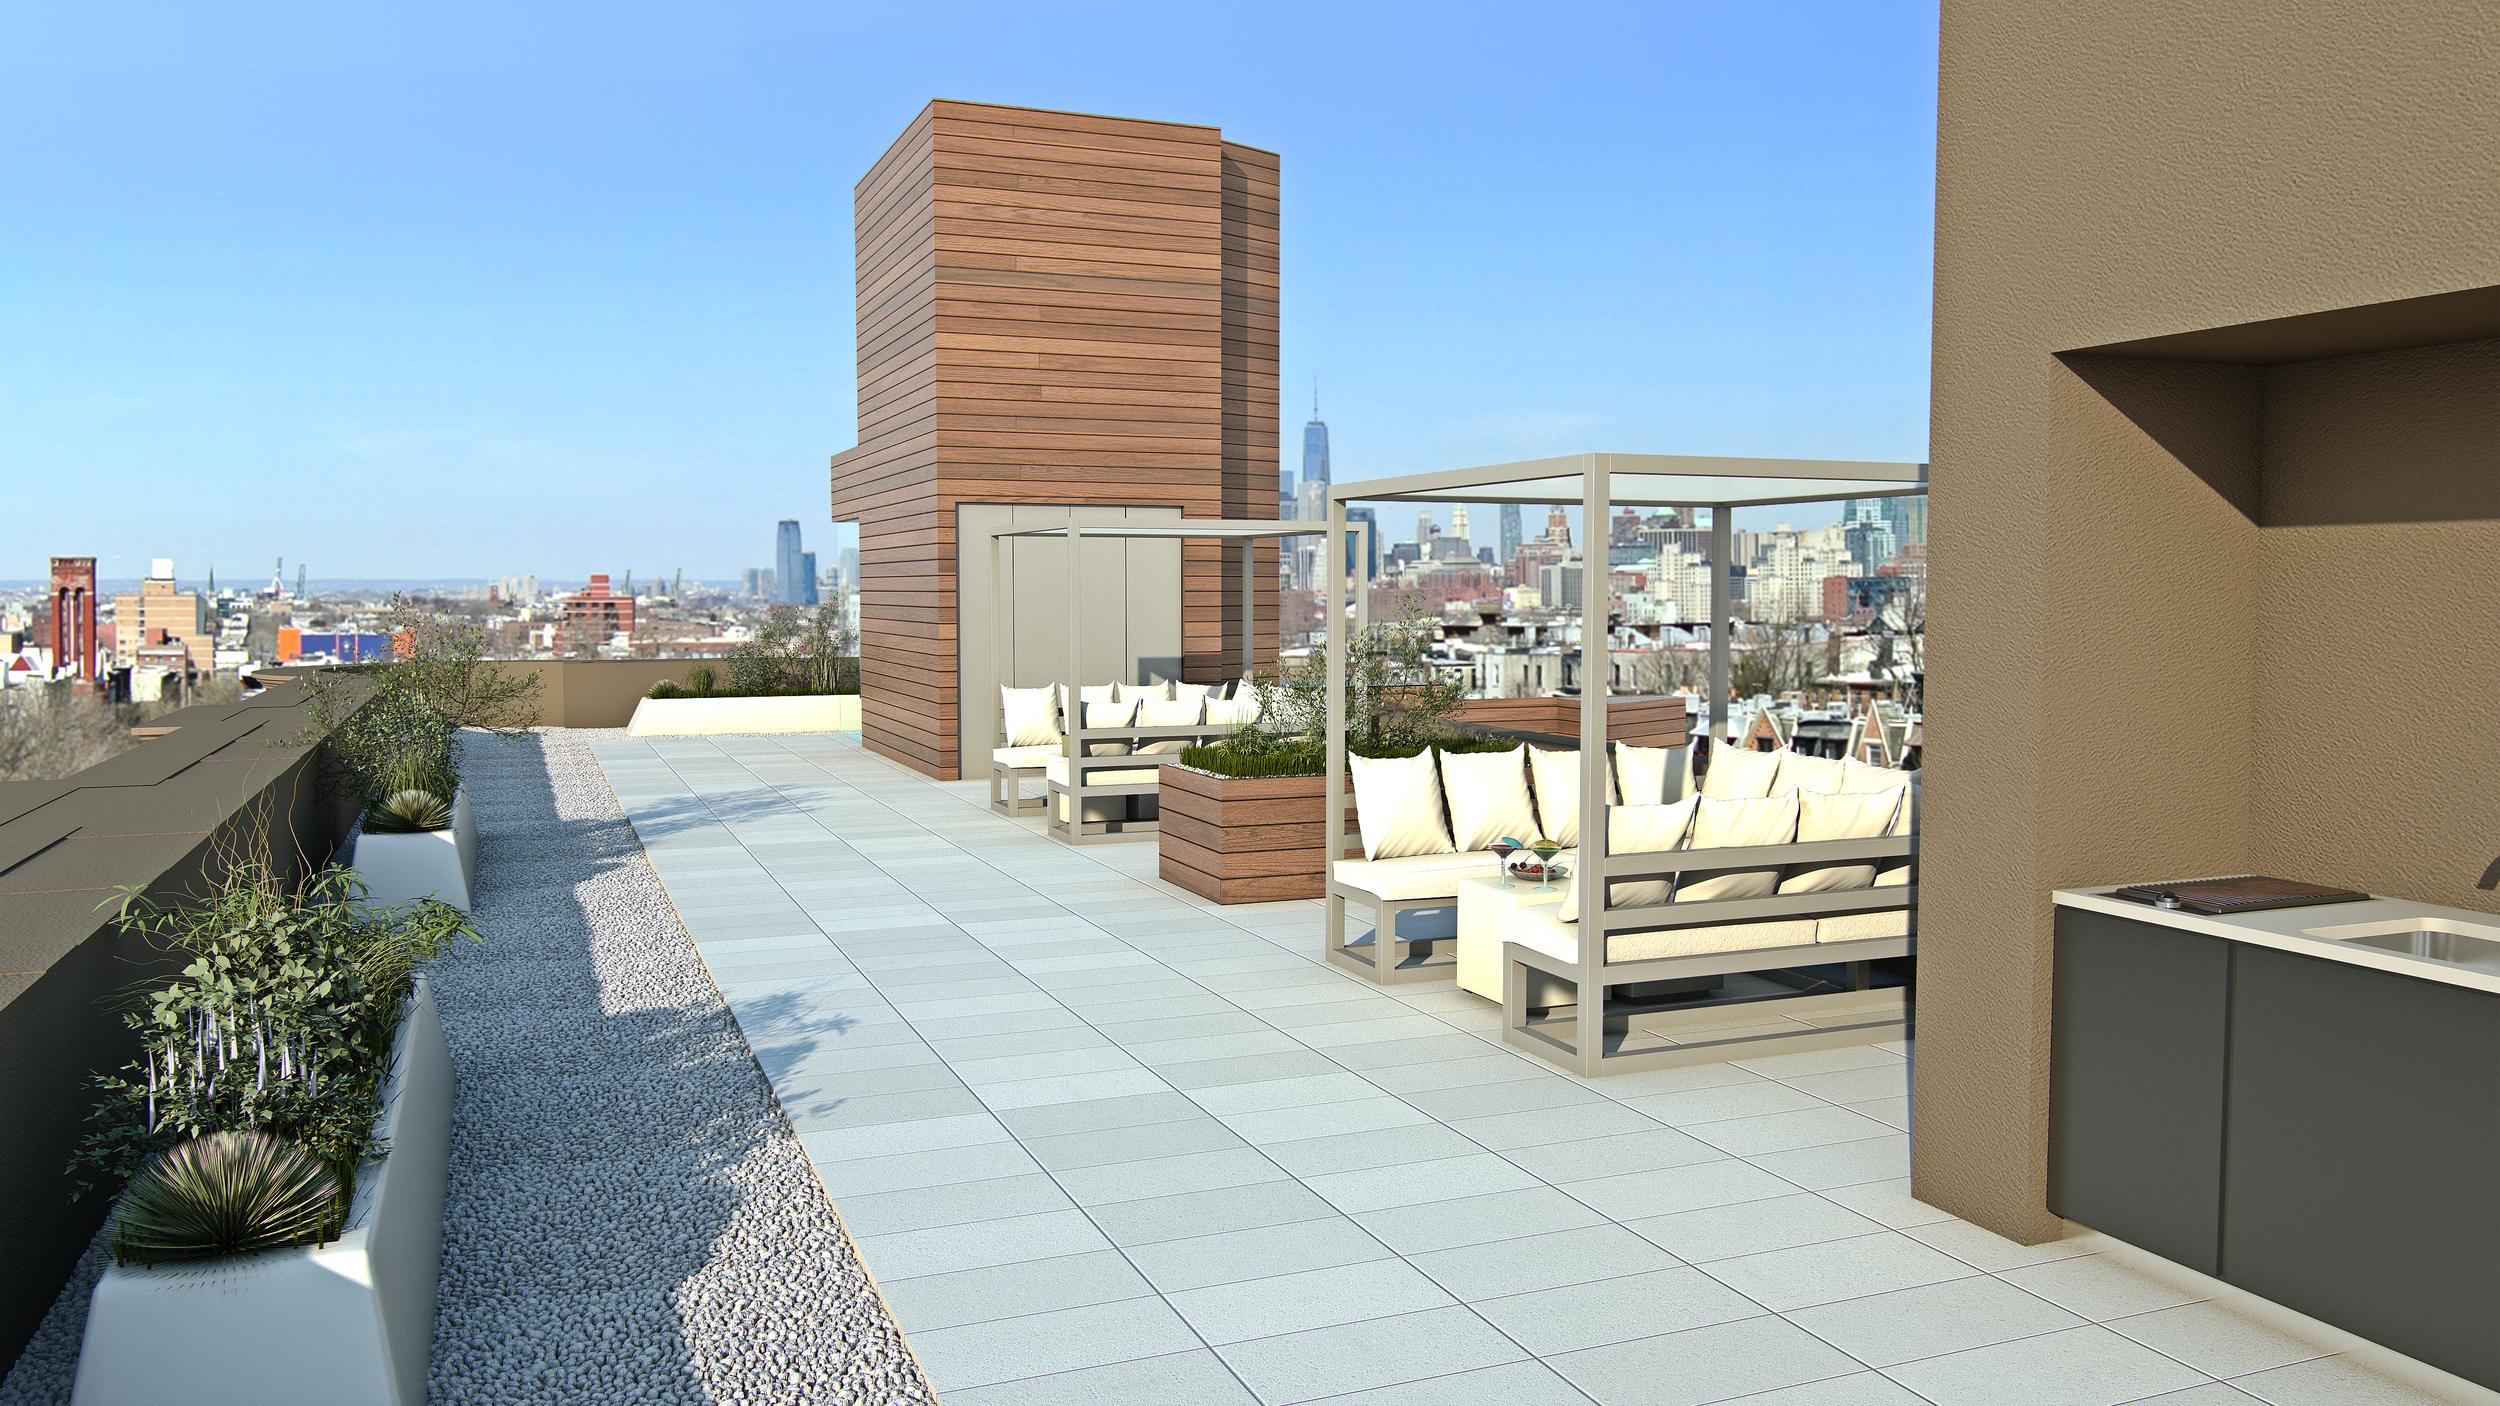 Roof_deck_HD.jpg